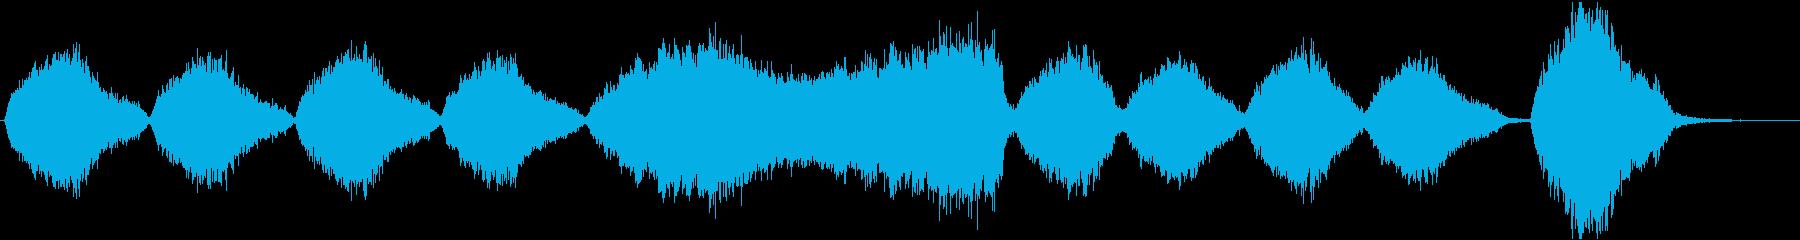 神秘的で美しい壮大な合唱アンビエントの再生済みの波形